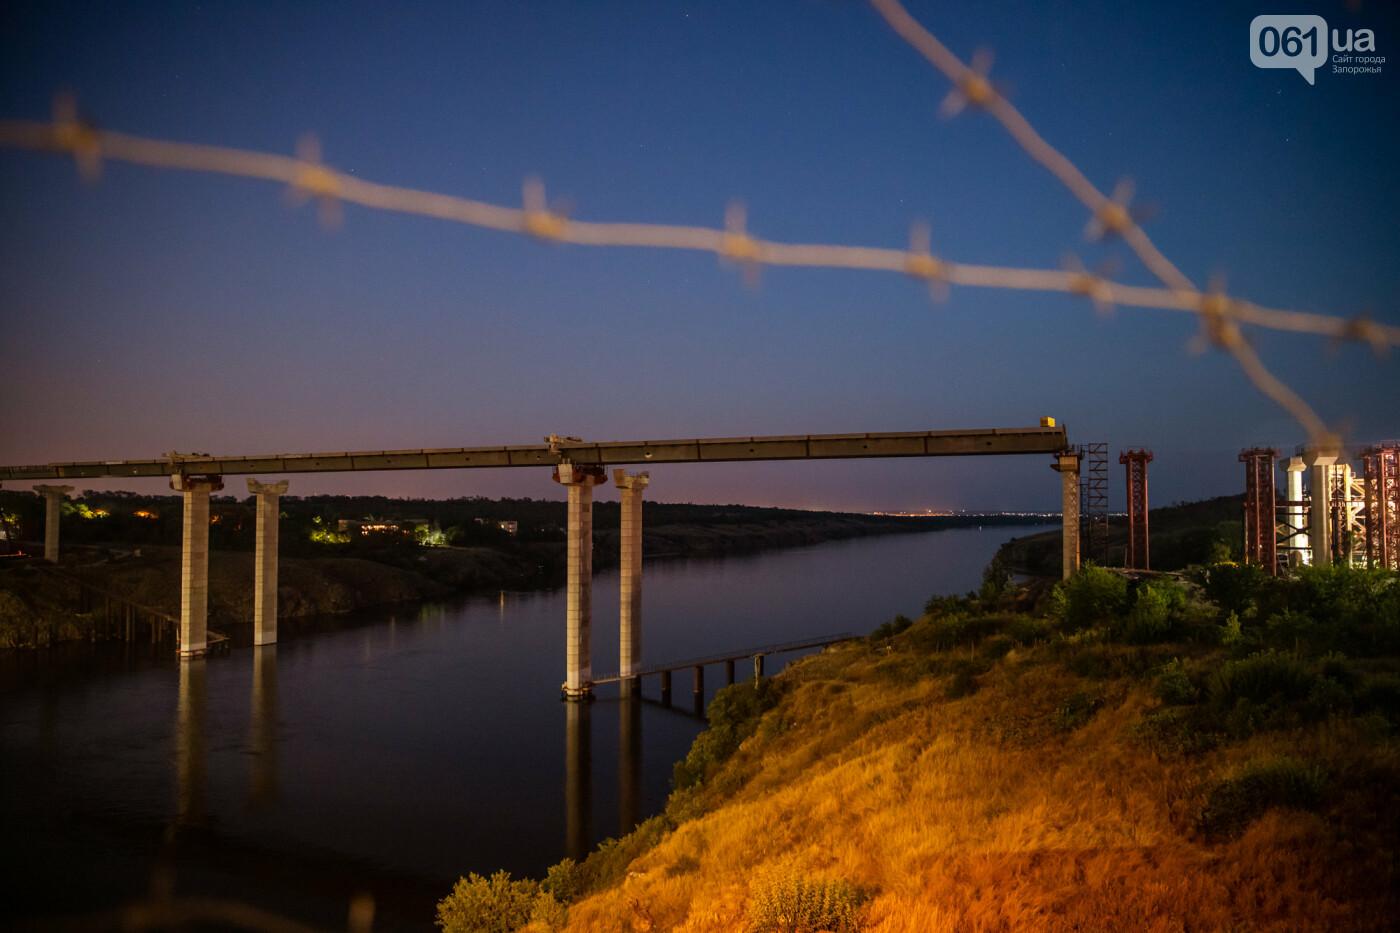 В Запорожье собирают балочный мост через Старый Днепр – строители работают даже ночью, - ФОТОРЕПОРТАЖ , фото-39